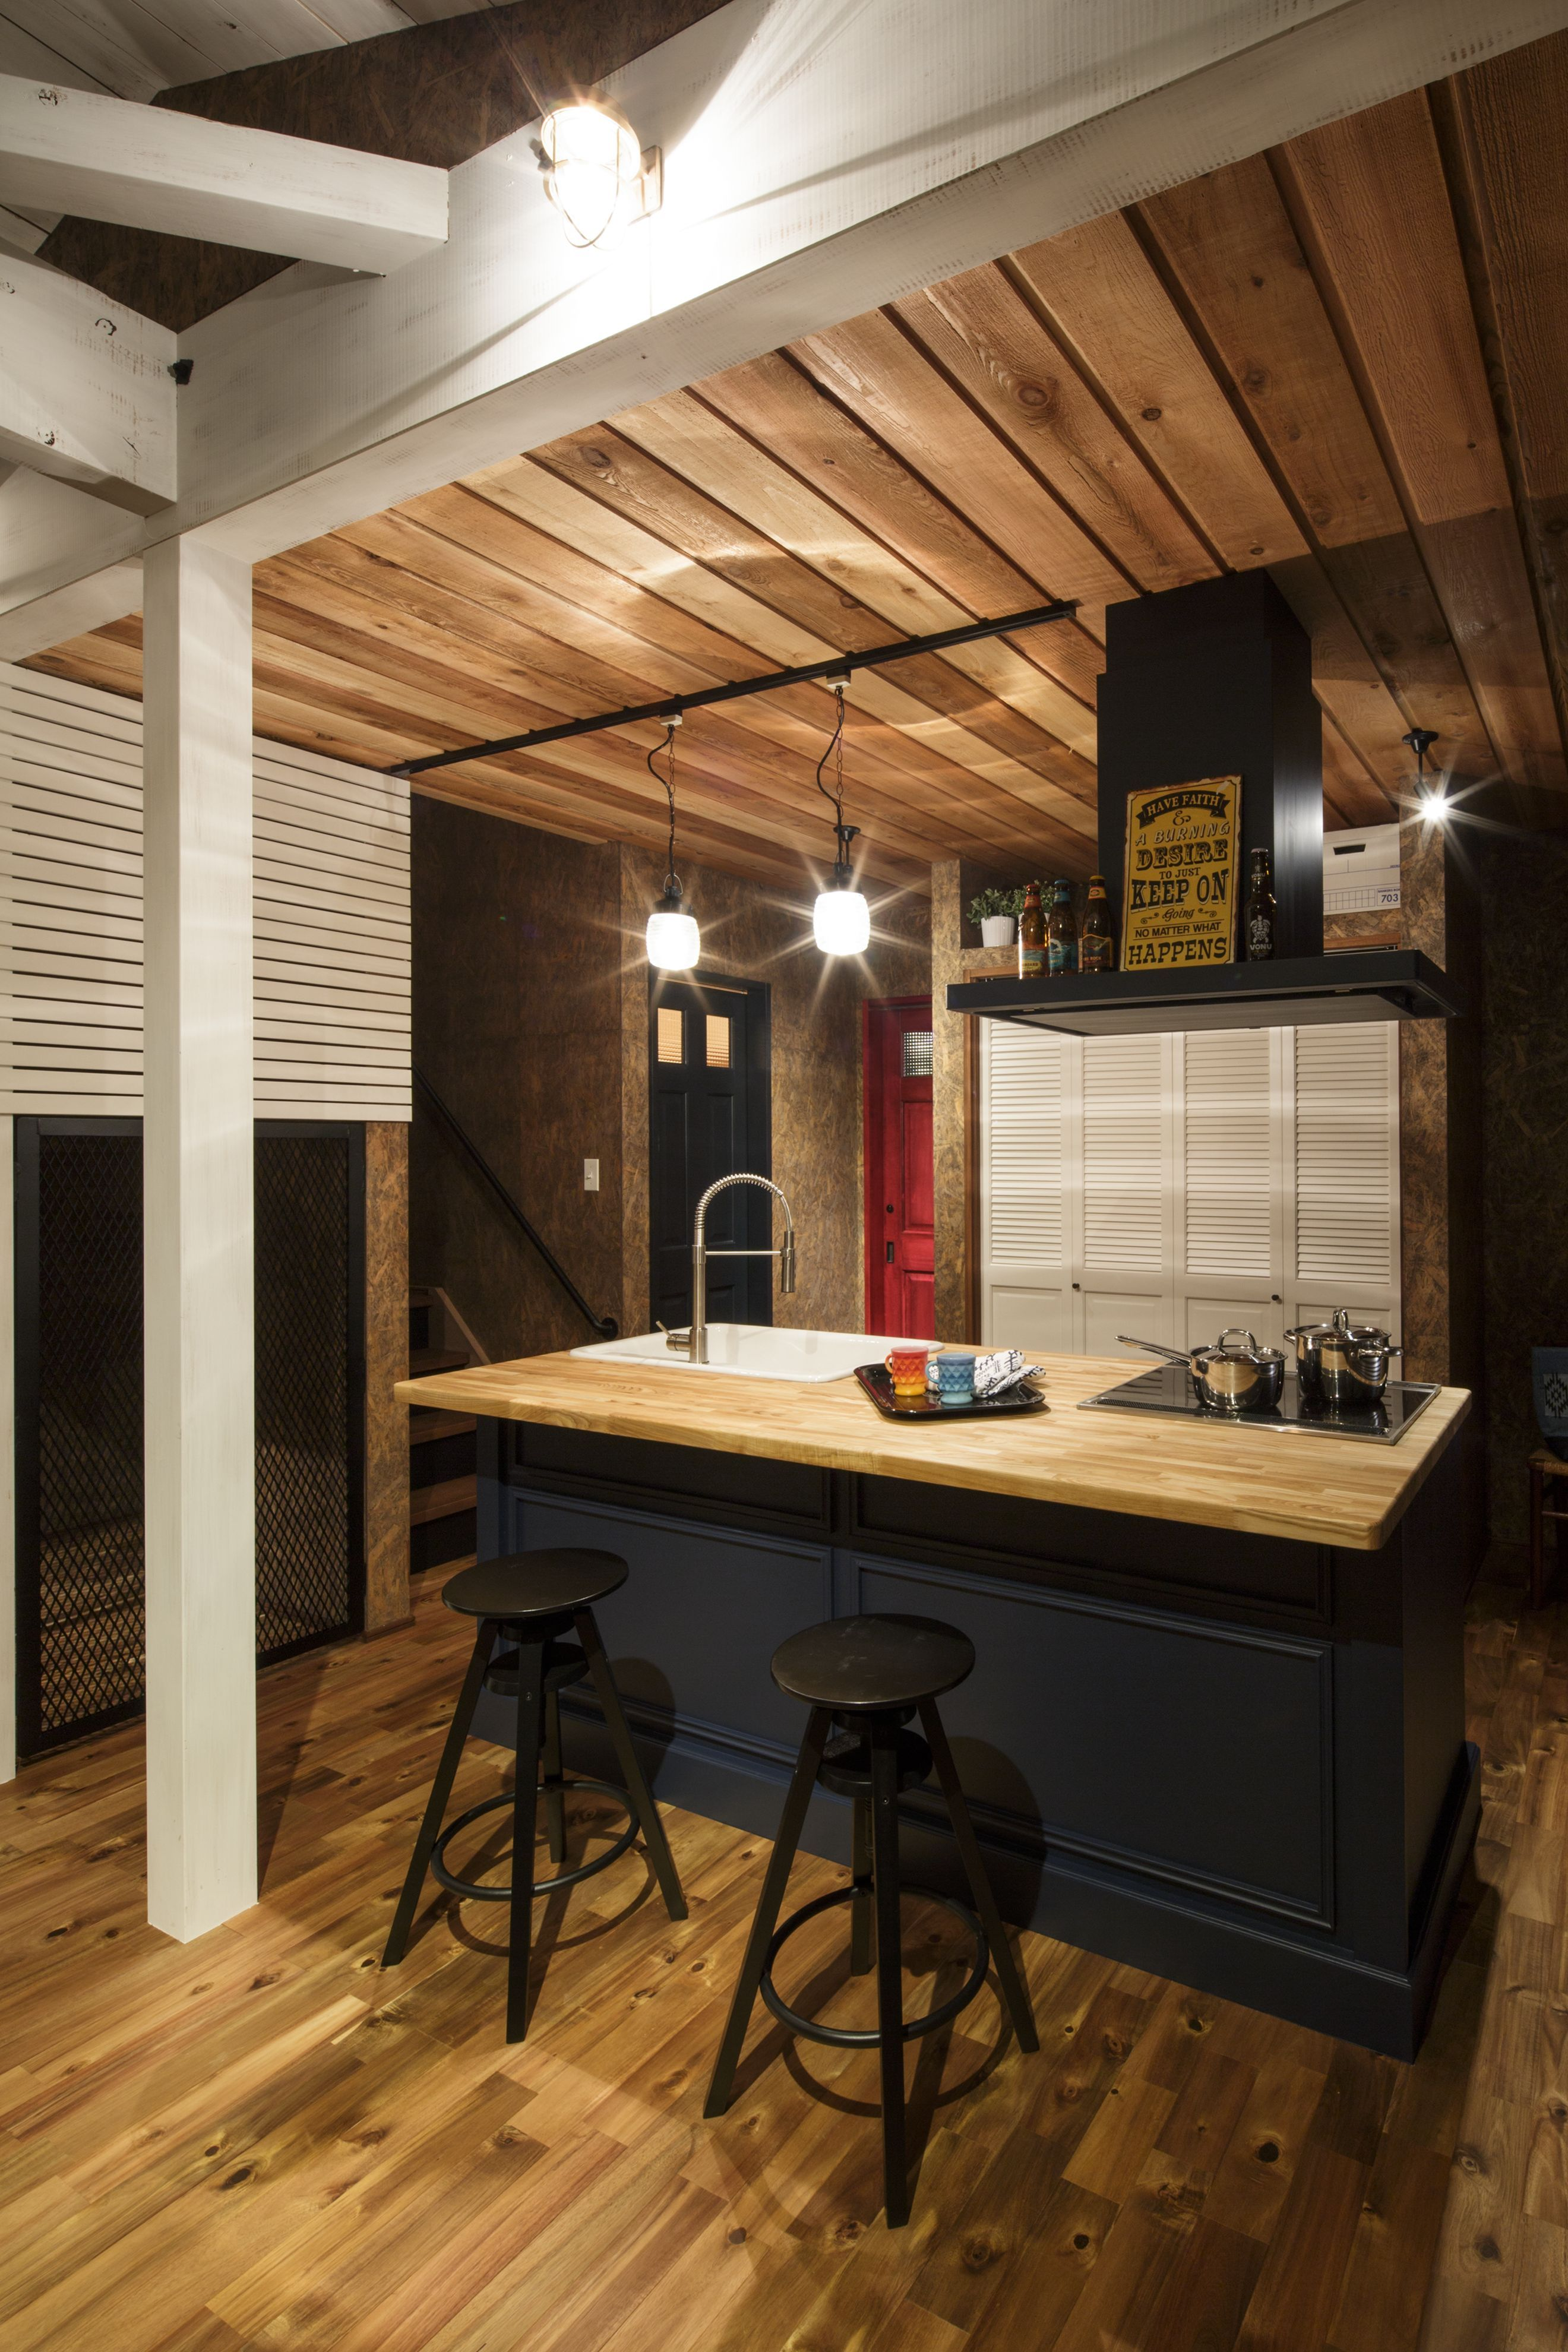 アイランドキッチン キッチンインテリアデザイン リビング キッチン